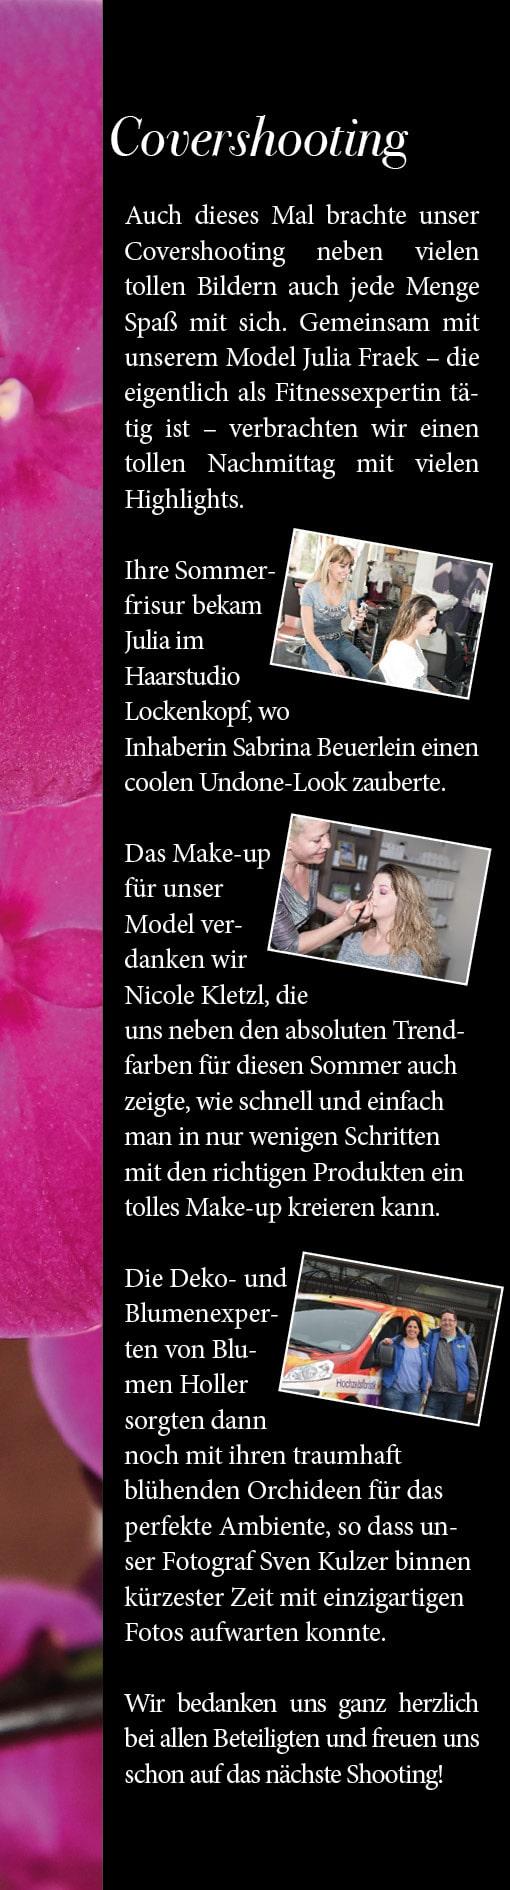 Covershooting für unsere Apil-Ausgabe. Gemeinsam mit dem Haarstudio Lockenkopf, dem Day Spa Nicole Freilassing und Blumen Holler